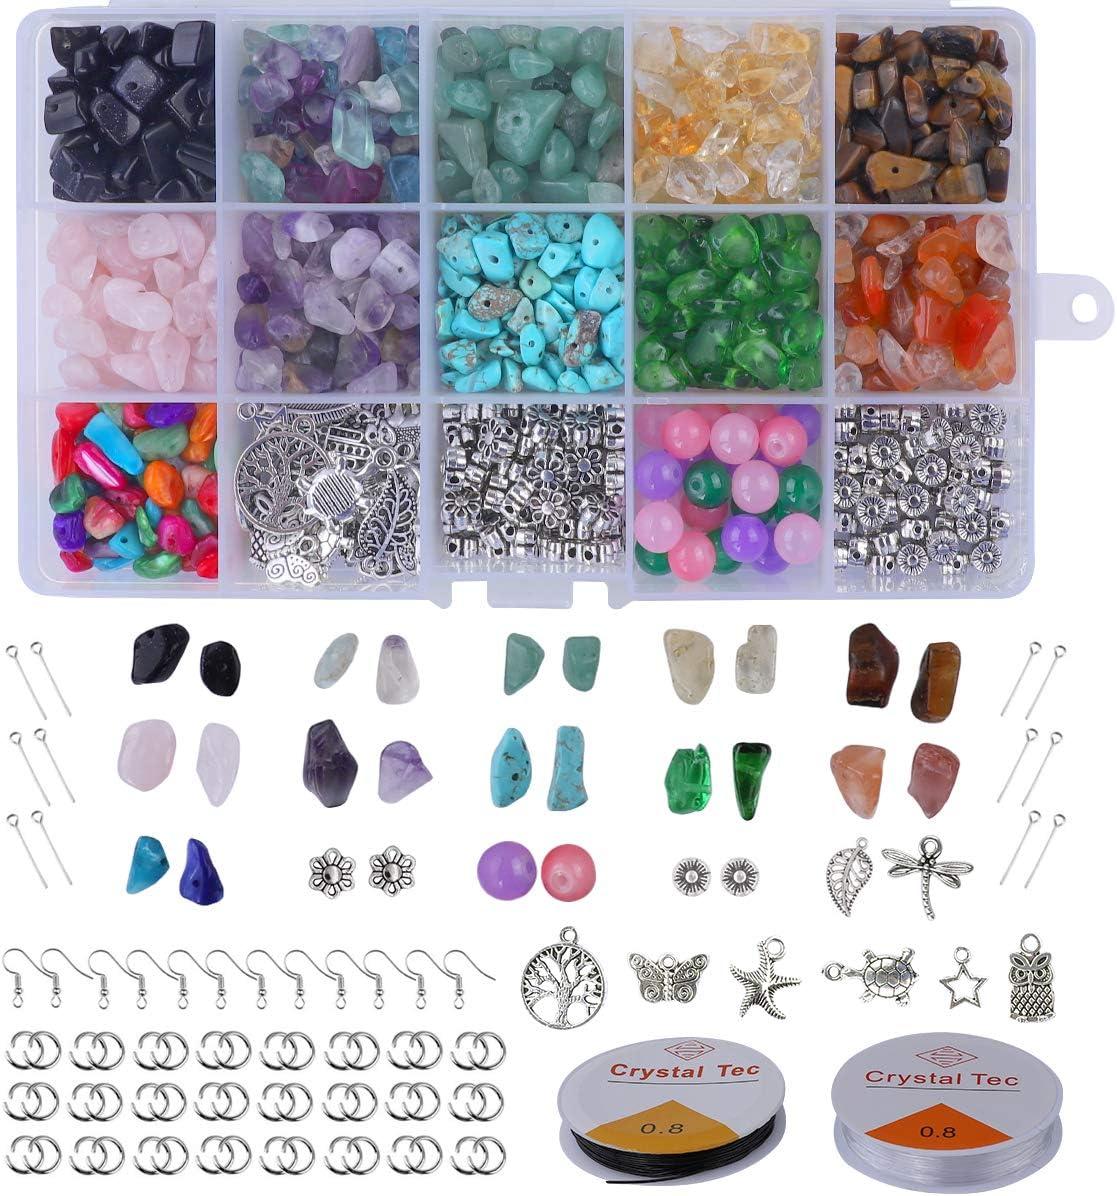 Xiangmall 1017 Piezas Cuentas Piedra Natural Irregulares Piedras Colores Cristal con Gancho Pendientes Anillo Salto Línea Utiliza Para Bricolaje Collares Pulseras HacerJoyería Accesorios (1017 pcs)